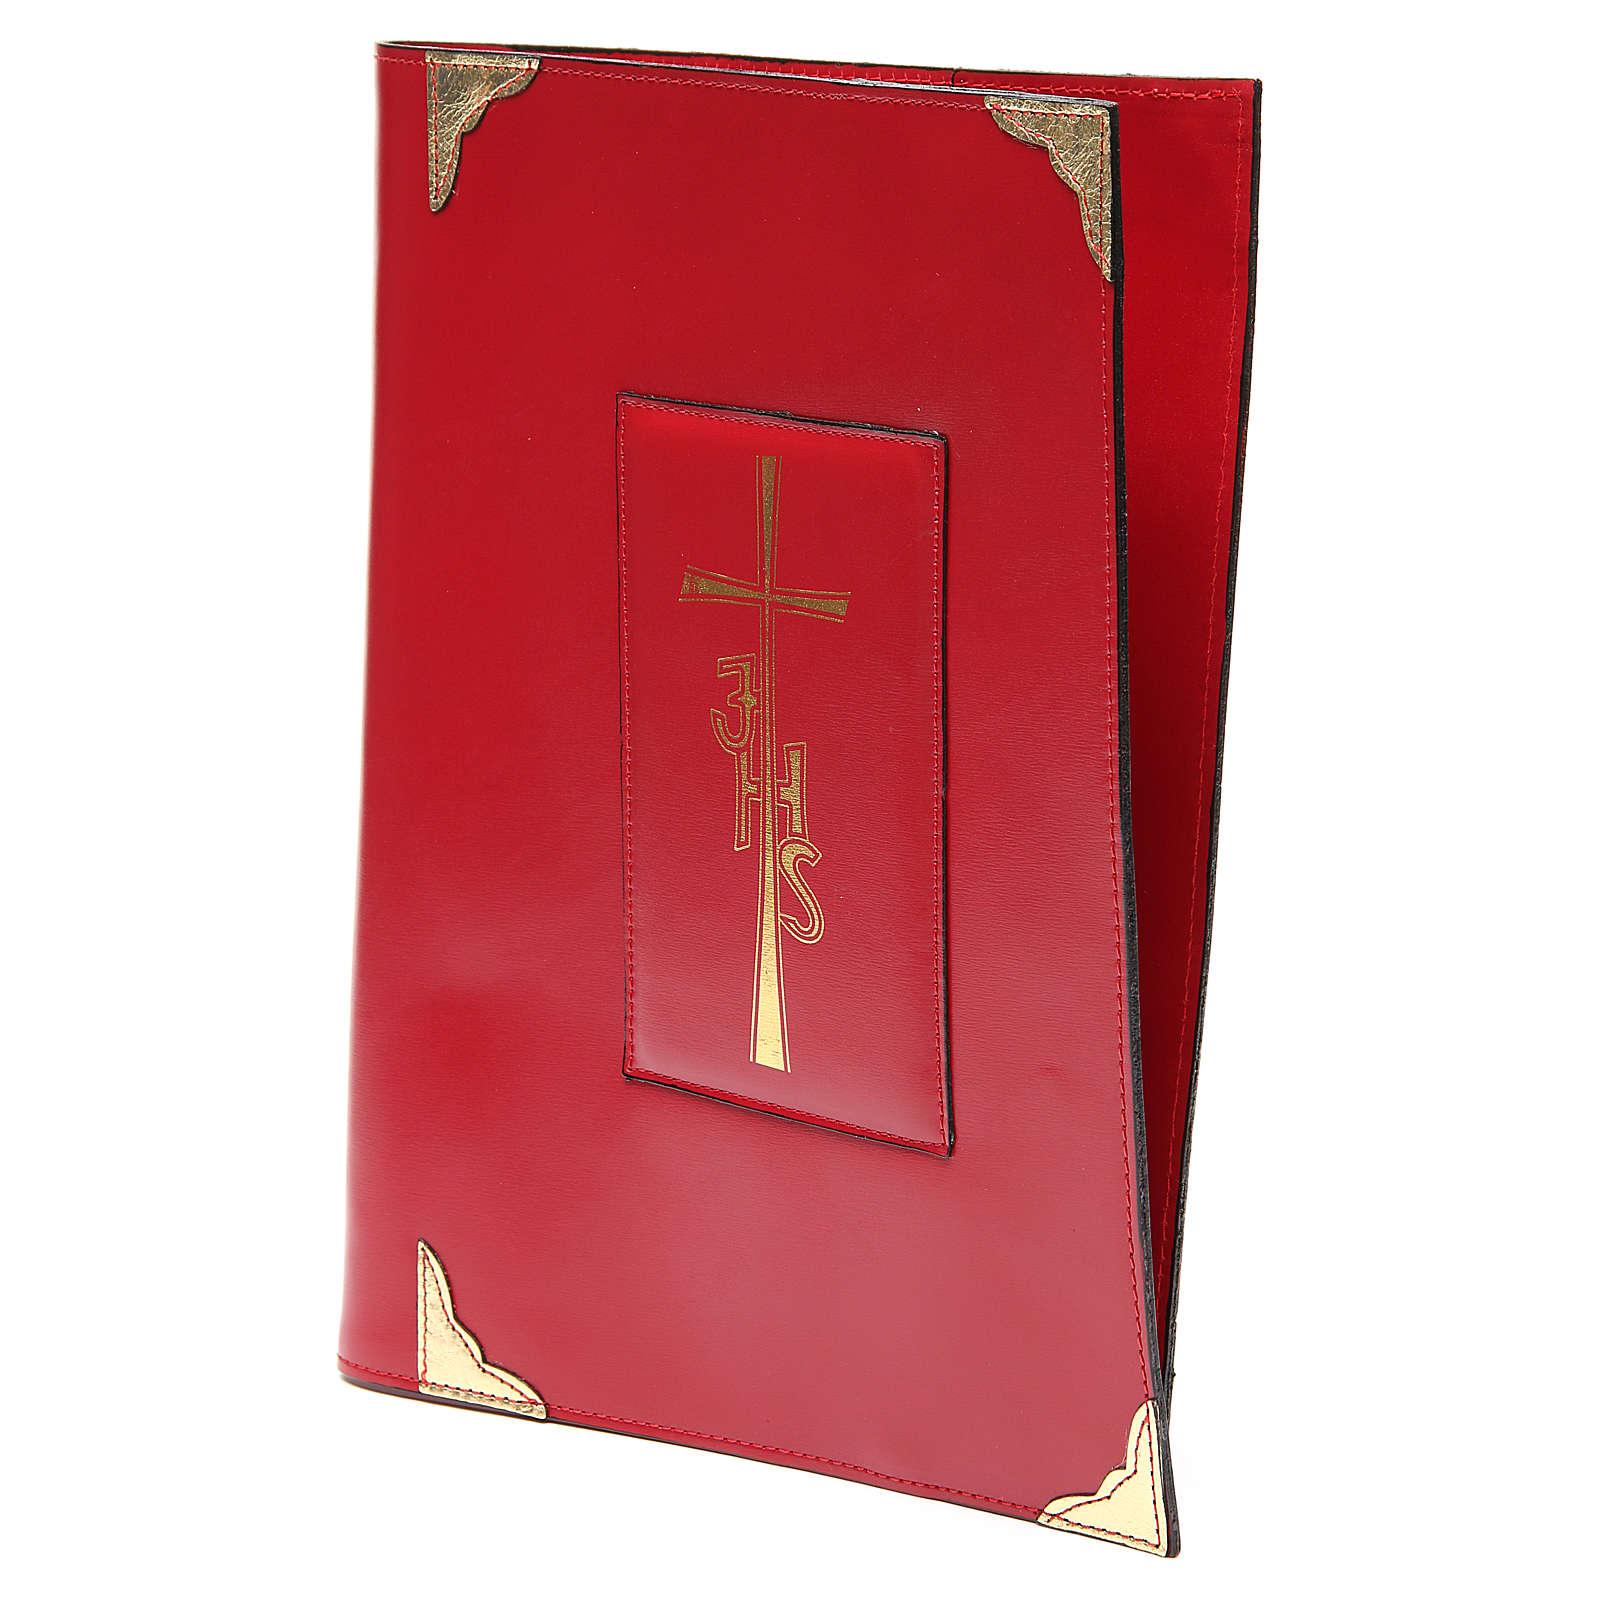 Coprilezionario feriale festivo pelle rossa Croce IHS 4